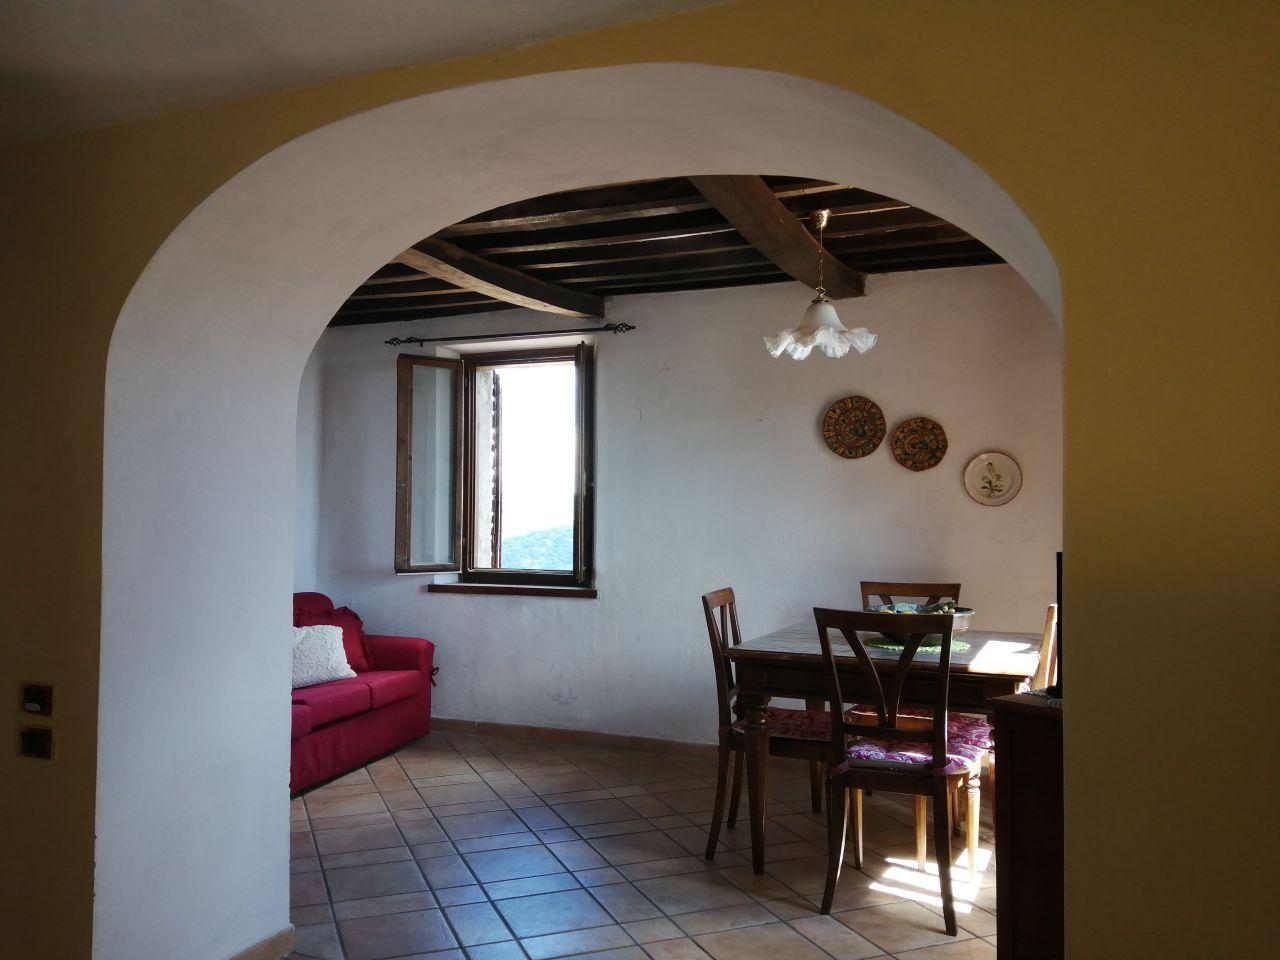 Appartamento in vendita a Cinigiano, 4 locali, prezzo € 83.000 | PortaleAgenzieImmobiliari.it